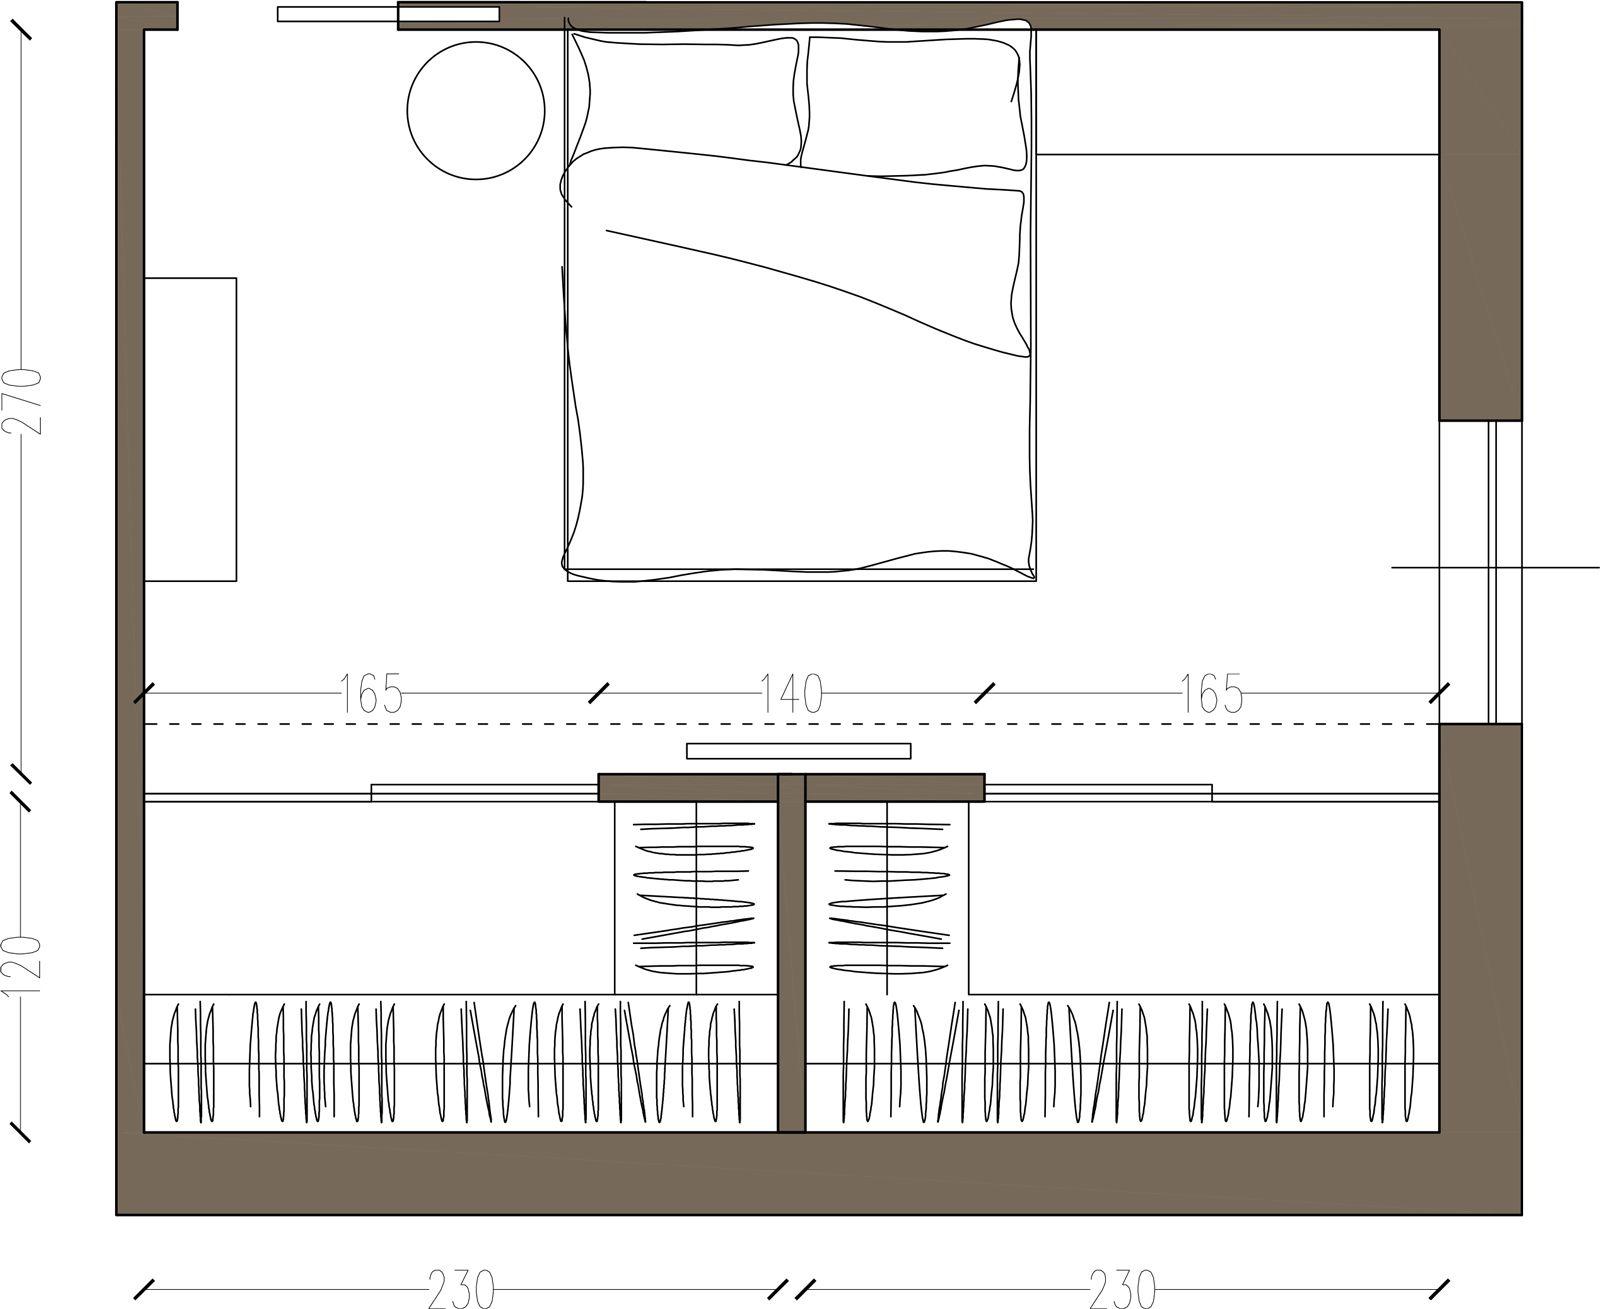 Cabina armadio due soluzioni per ricavarla pinterest for Progetti di cottage sulla spiaggia e planimetrie